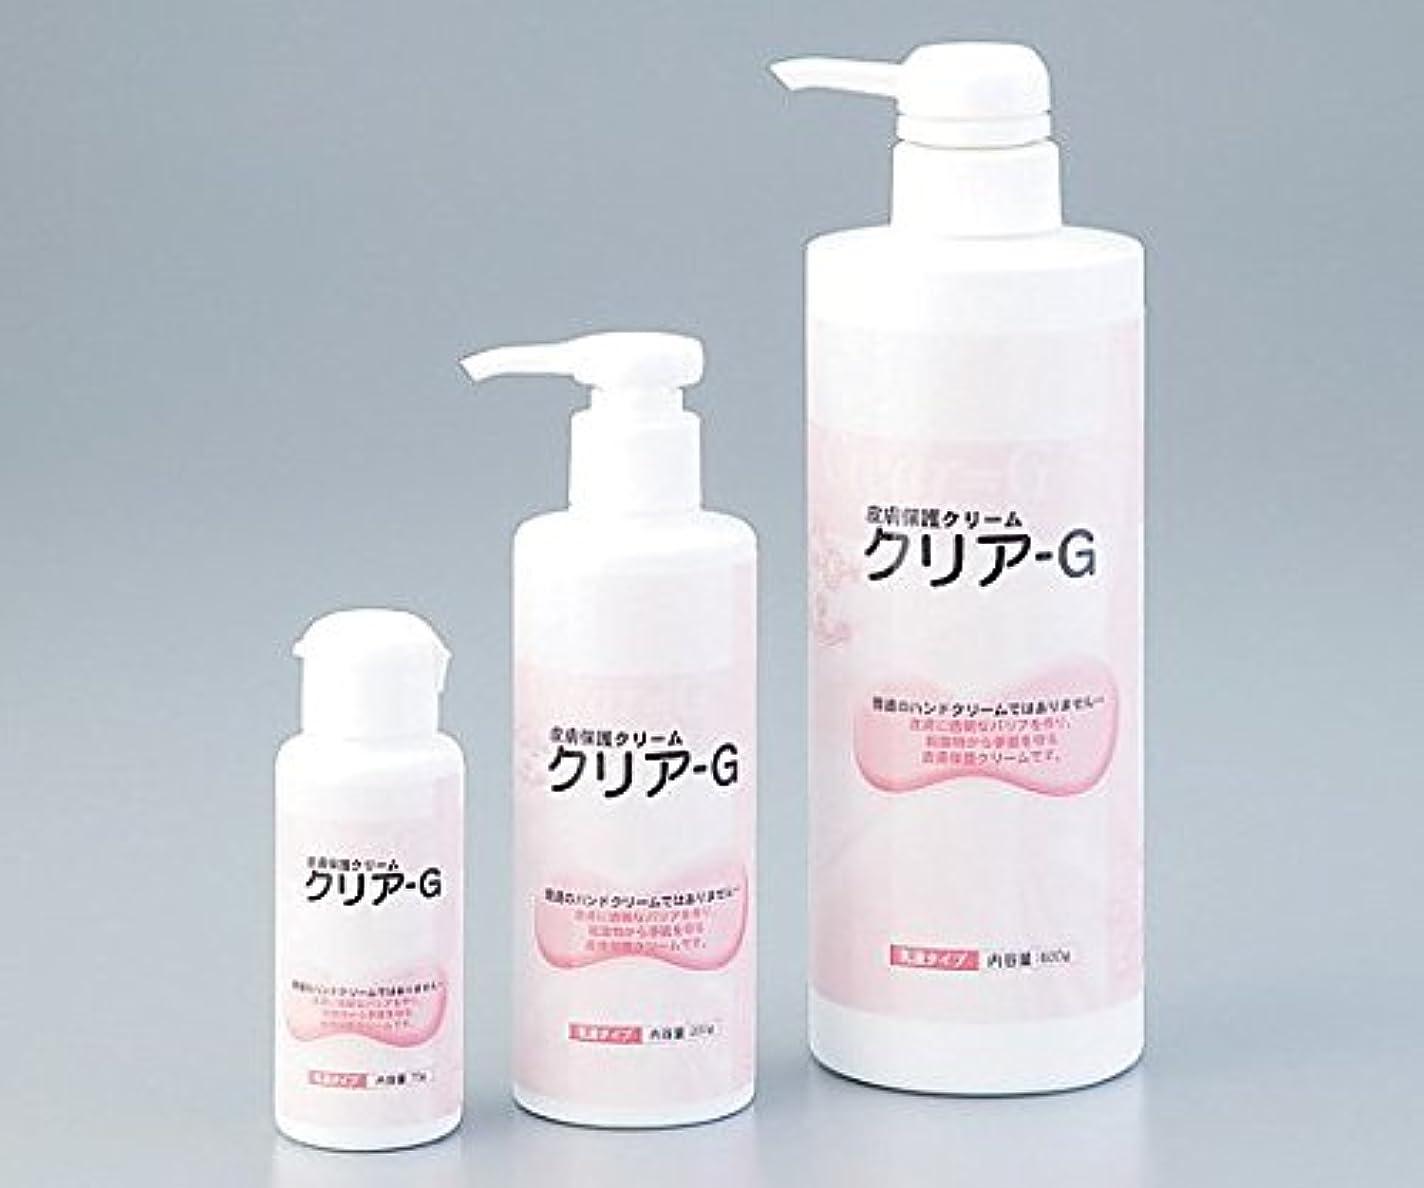 雰囲気原始的なデッキ0-8238-12皮膚保護クリーム600g